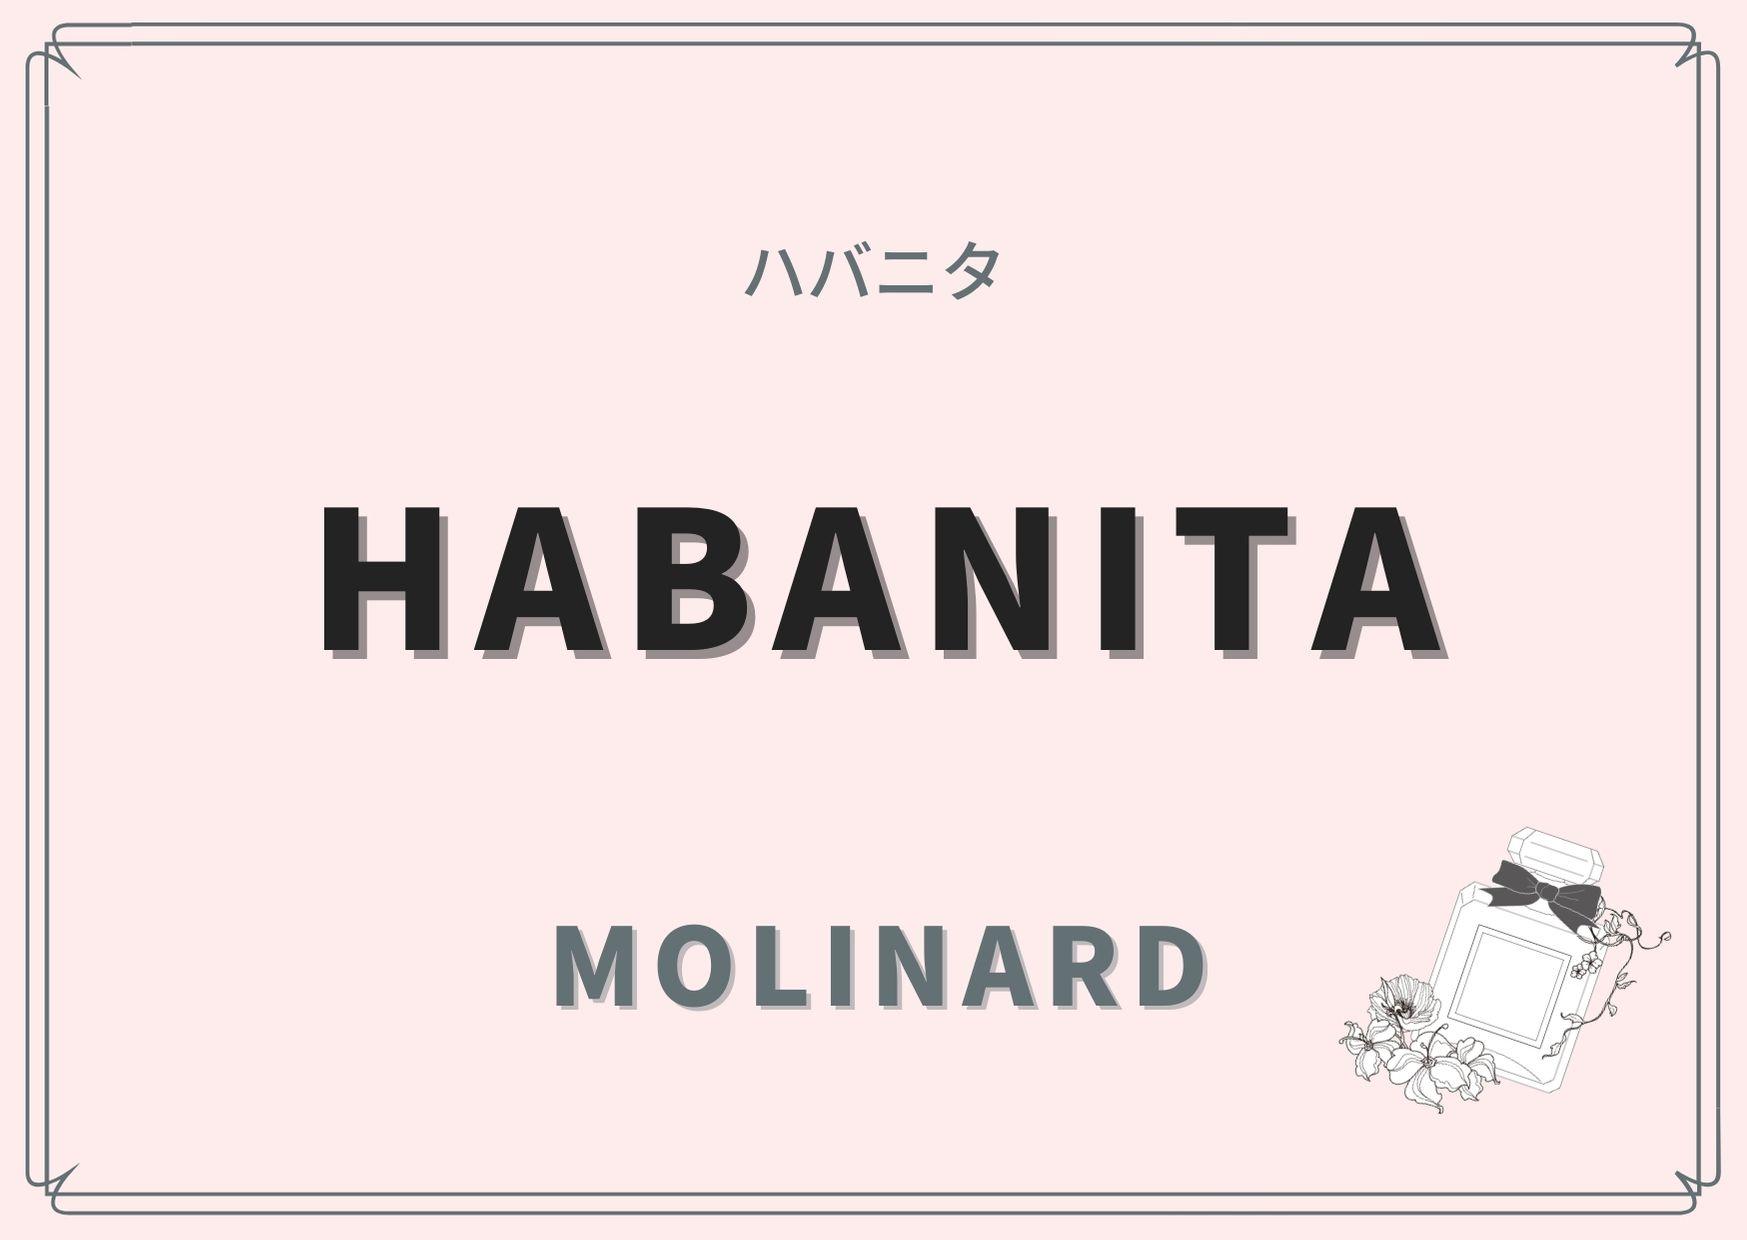 Habanita(ハバニタ)/Molinard(モリナール)